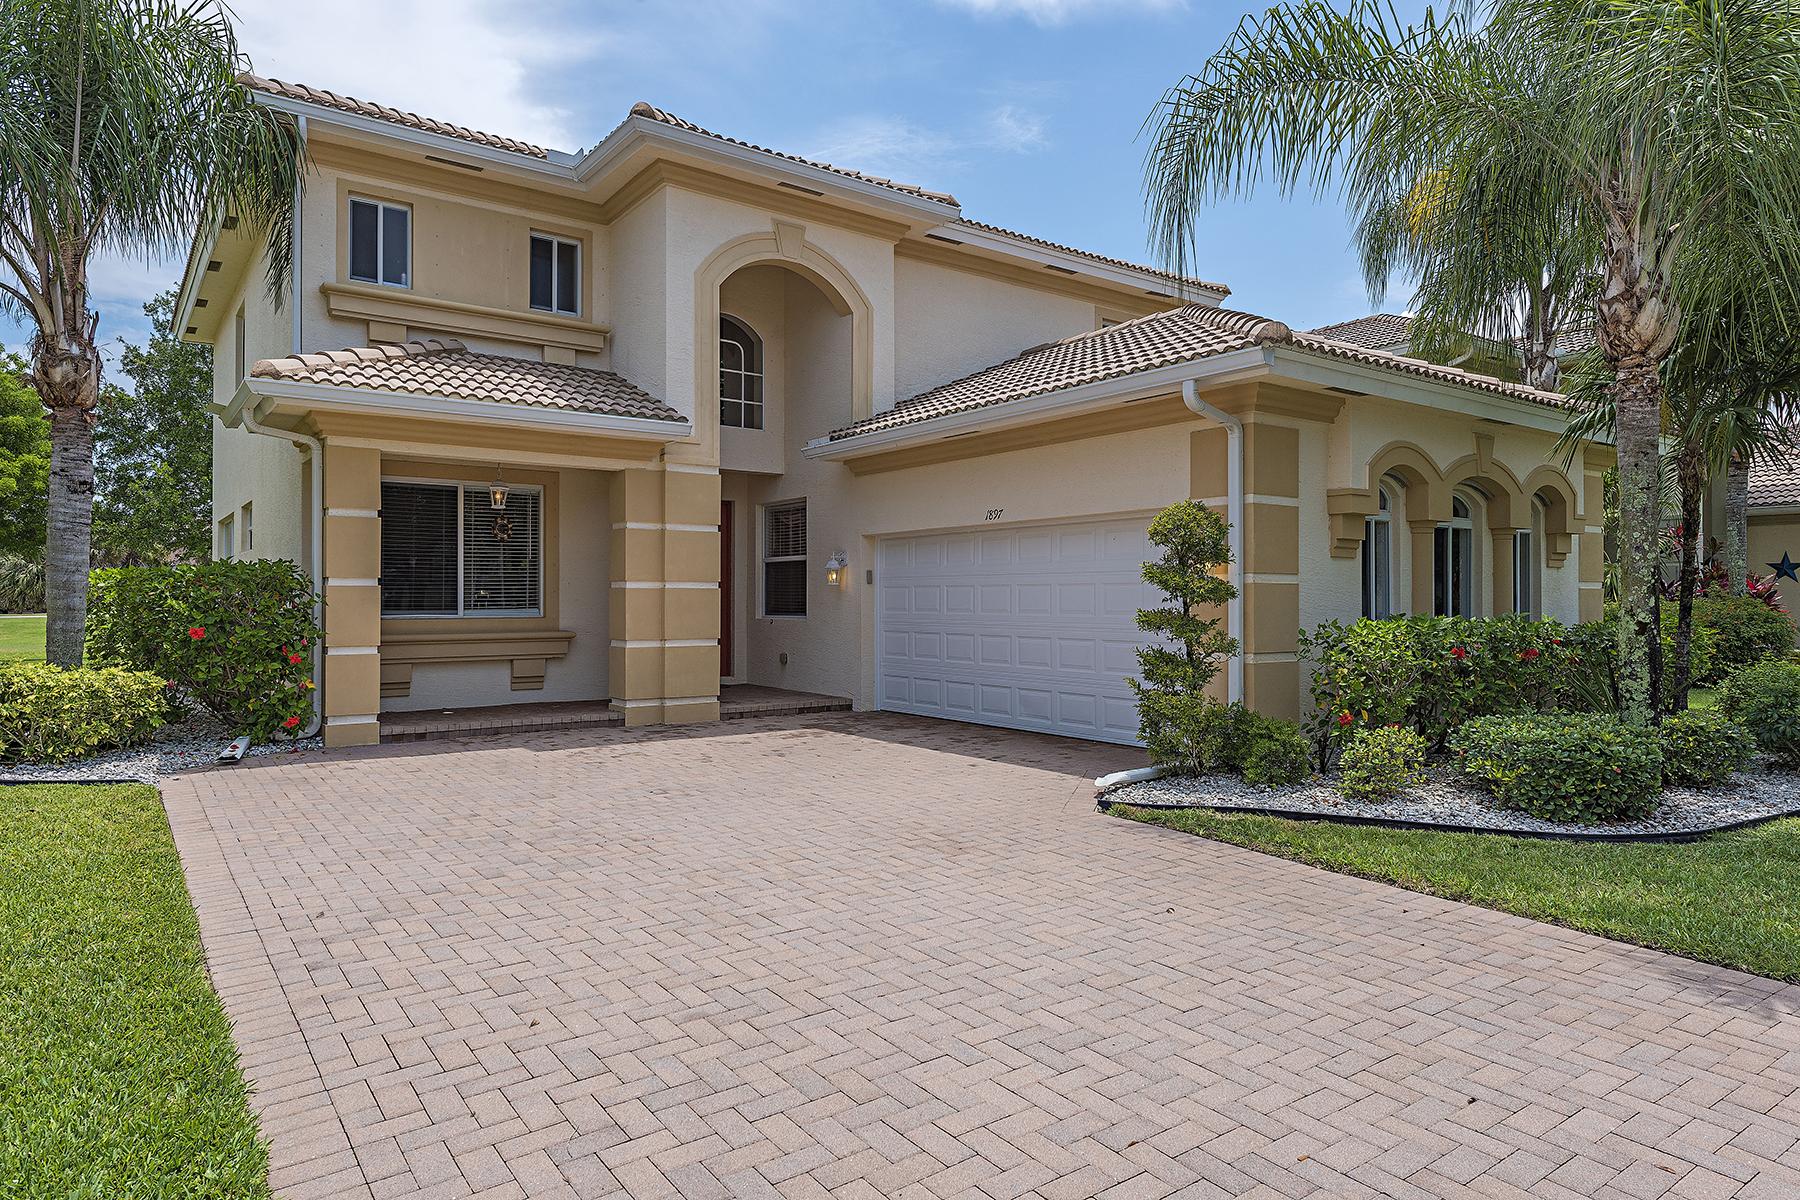 一戸建て のために 売買 アット VALENCIA LAKES - VALENCIA COUNTRY CLUB 1897 Par Dr Naples, フロリダ, 34120 アメリカ合衆国